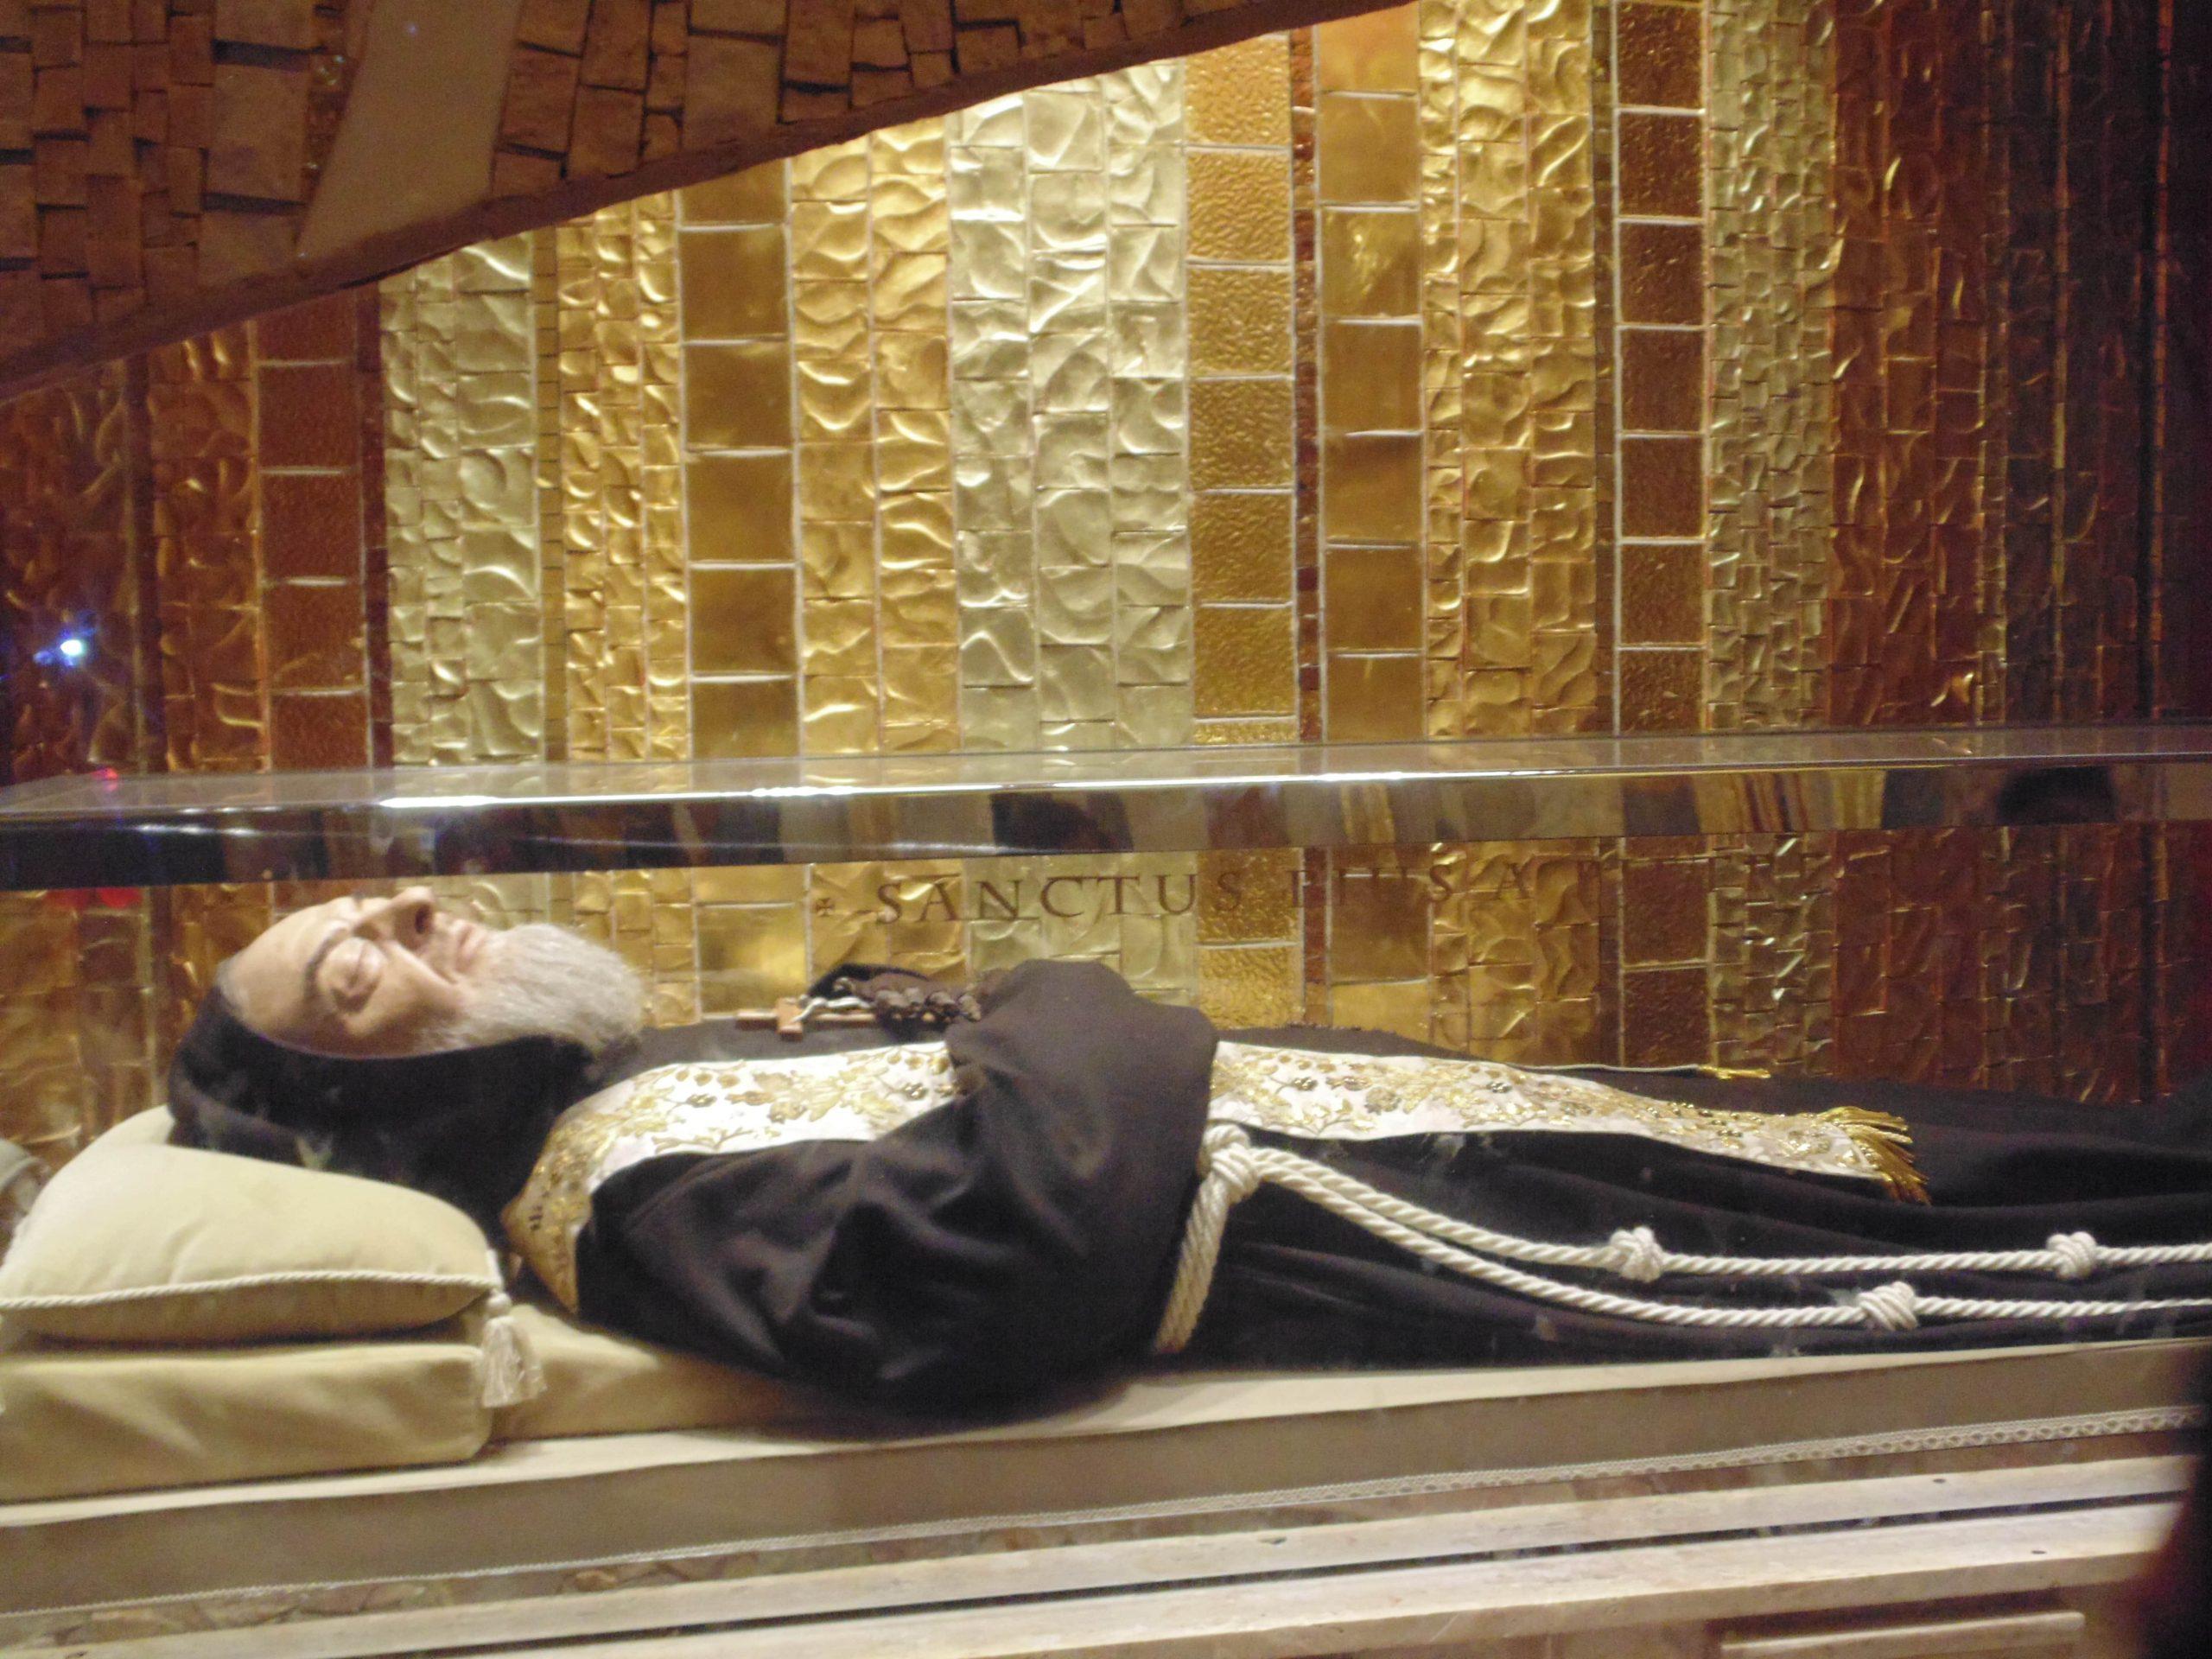 Les reliques de Padre Pio / Infinità corse Voyance